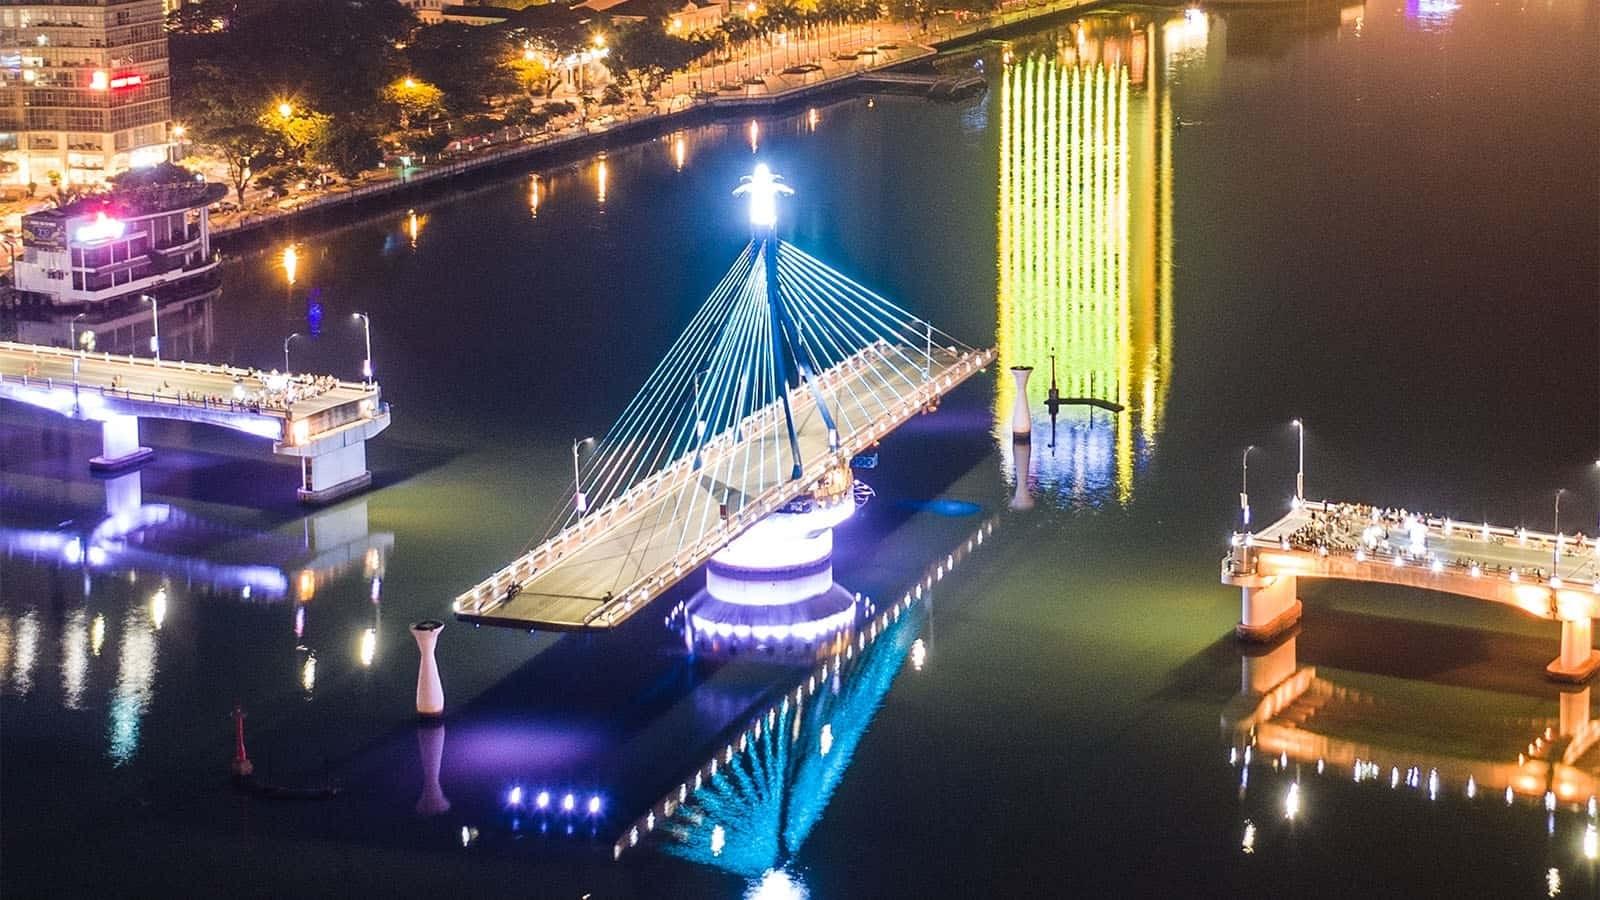 Du lịch Đà Nẵng 4 ngày 3 đêm 14